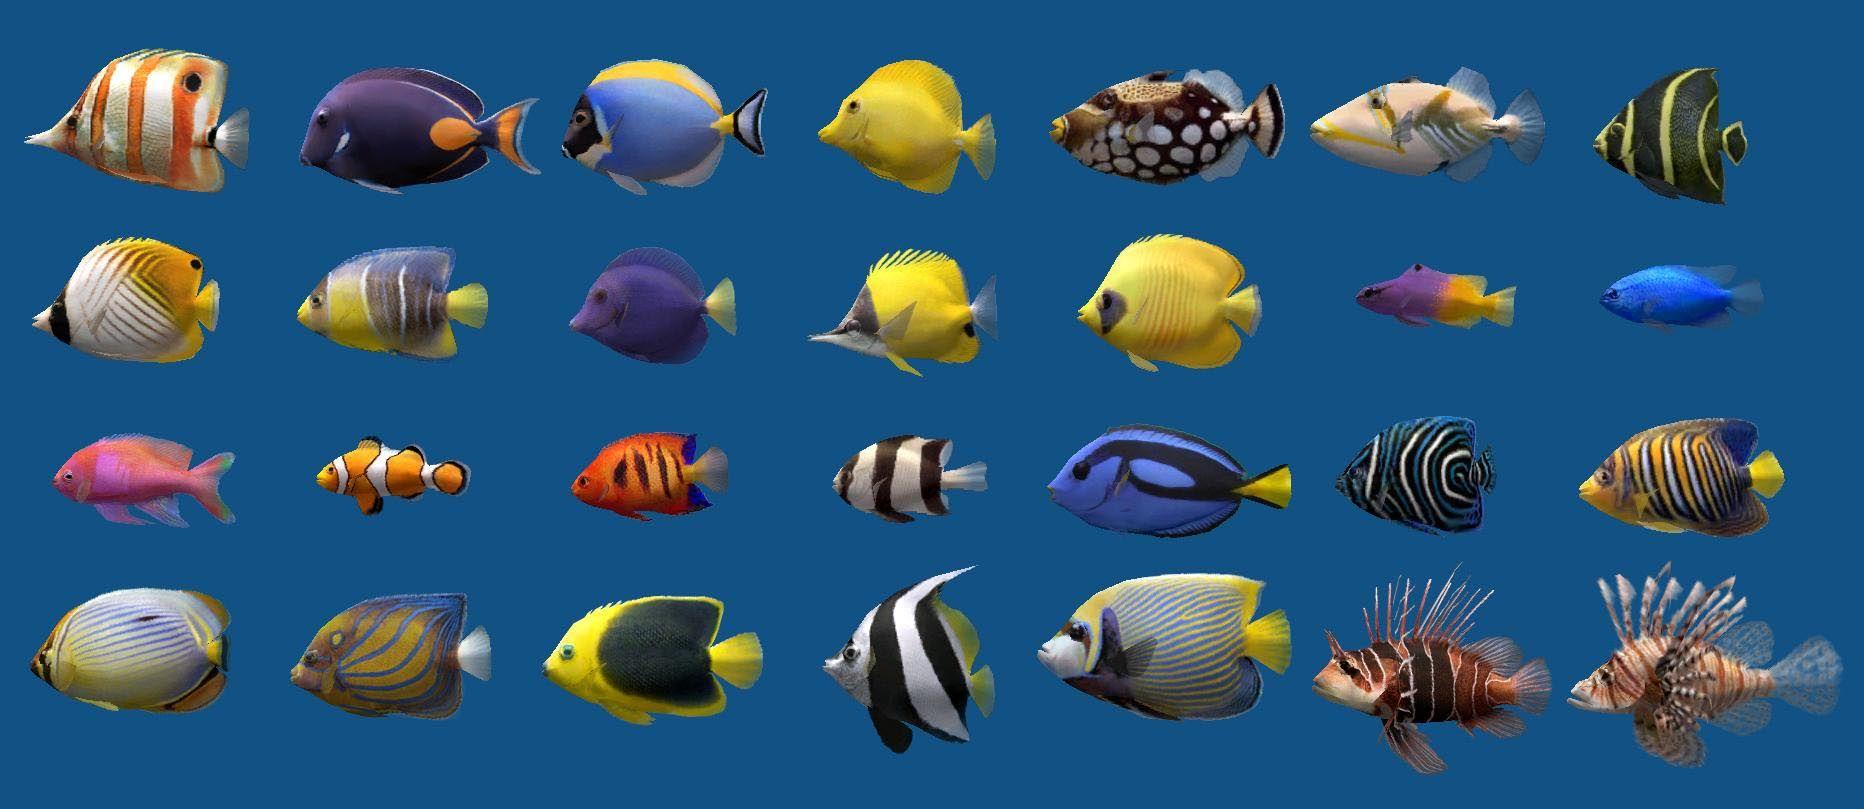 Saltwater Aquarium Fish Chart Marine Aquarium Fish Saltwater Aquarium Fish Marine Aquarium